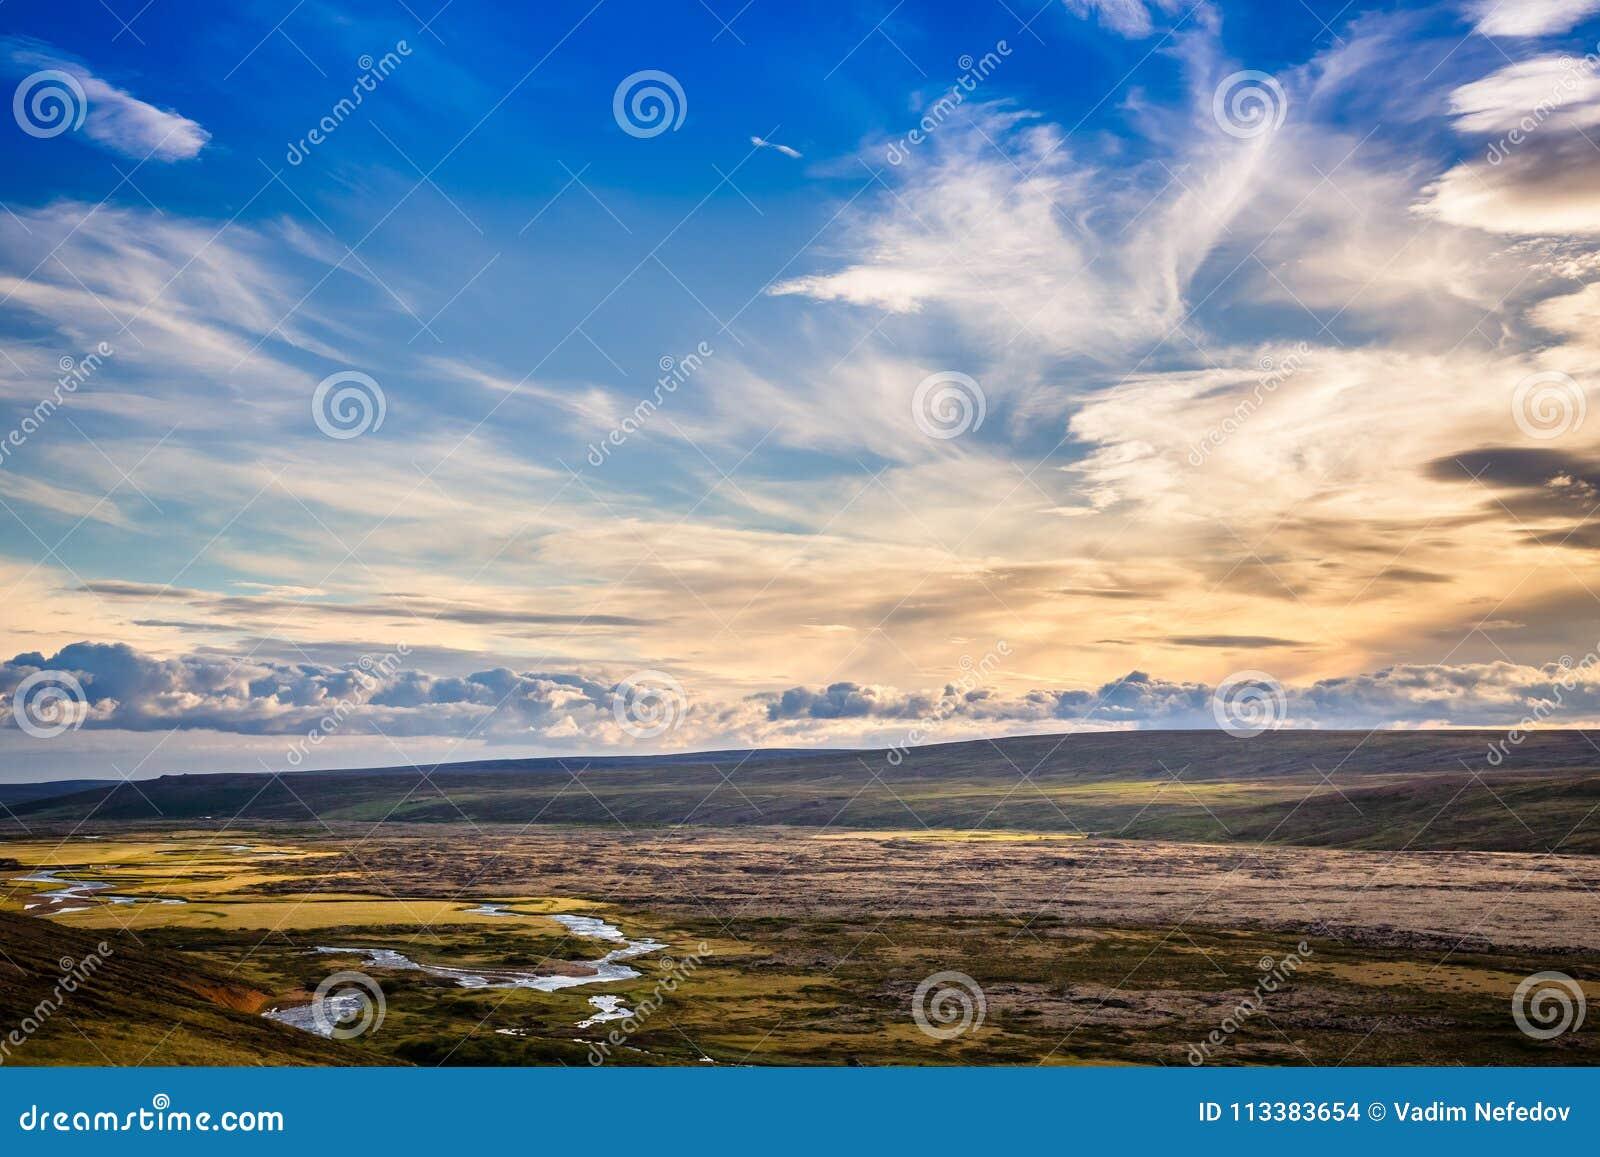 Isländisches ländliches Panorama mit grauen Wolken, grüne Felder, Hügel a